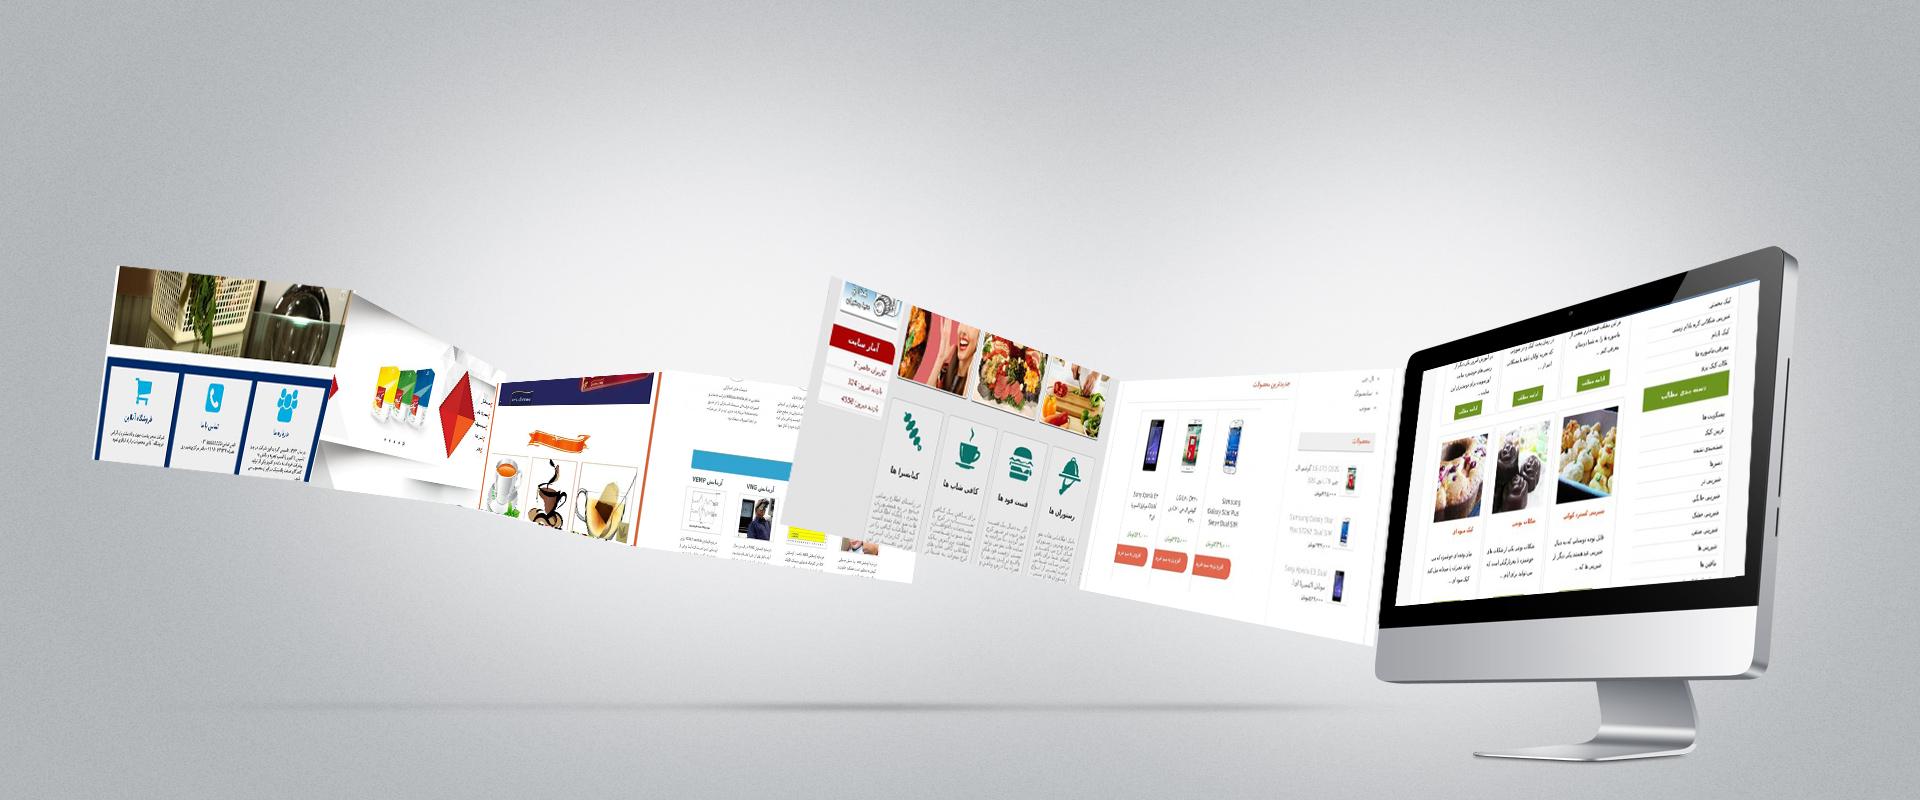 نمونه کار طراحی وب سایت کرج